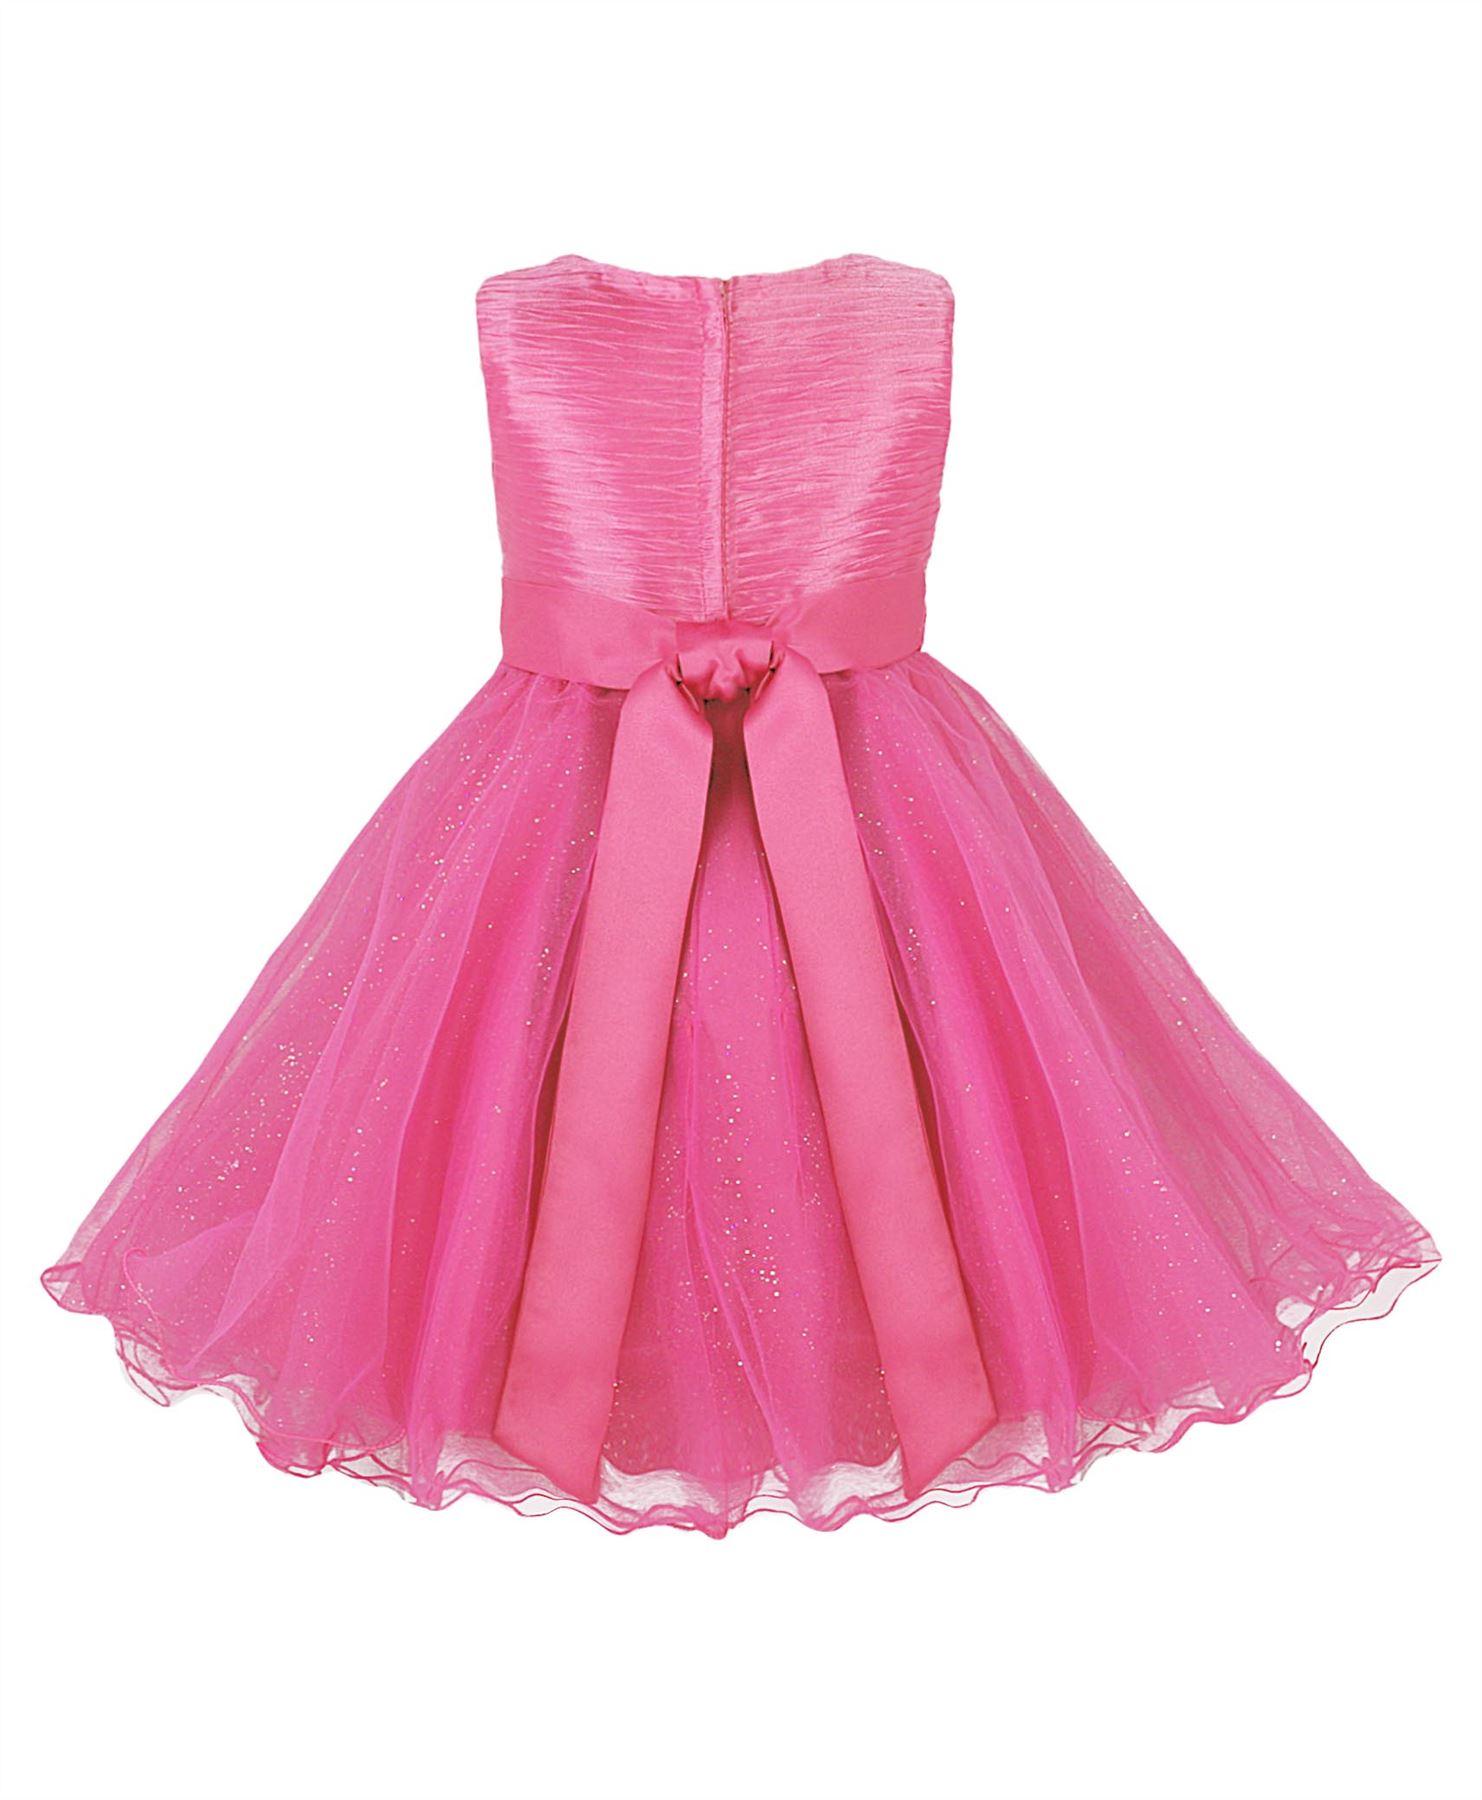 Excelente Vestidos De Dama En Ebay Colección - Colección de Vestidos ...